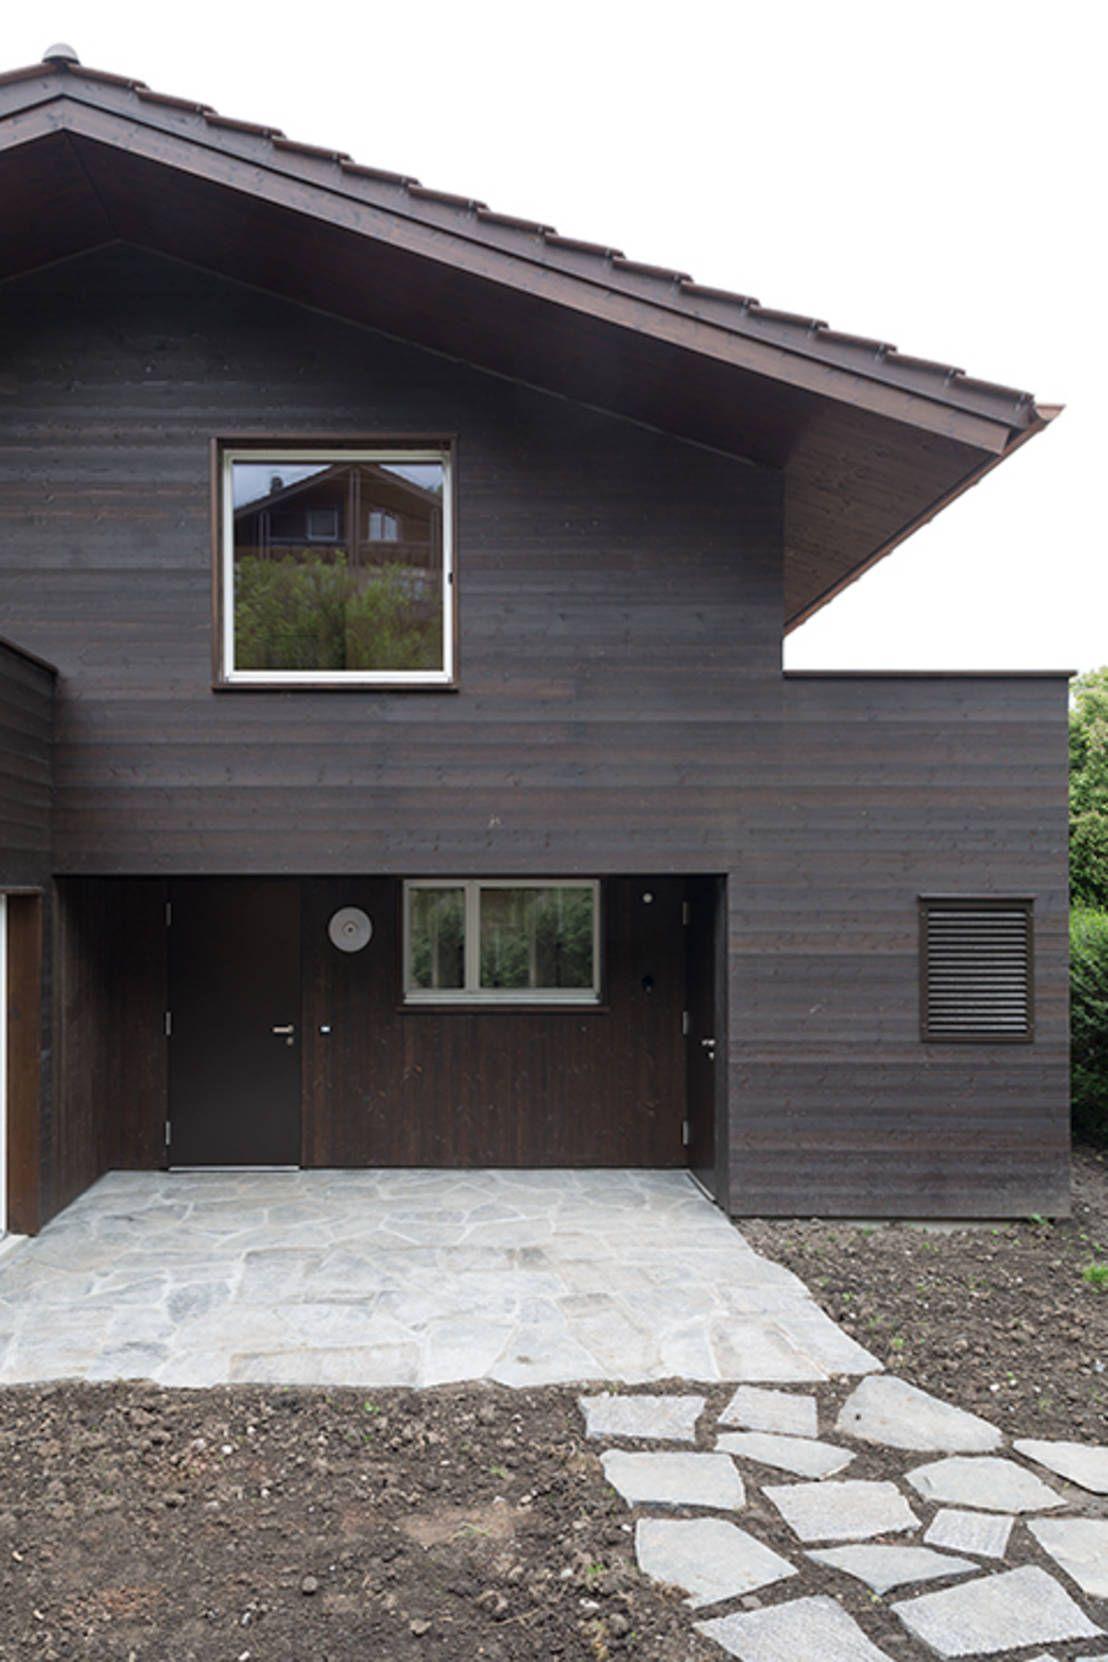 In bester Lage am Thunersee in der Schweiz verwirklichte das Architekturbüro Oliver Brandenberger Architekten BSA SIA den dezenten Umbau eines Hauses an einem See.